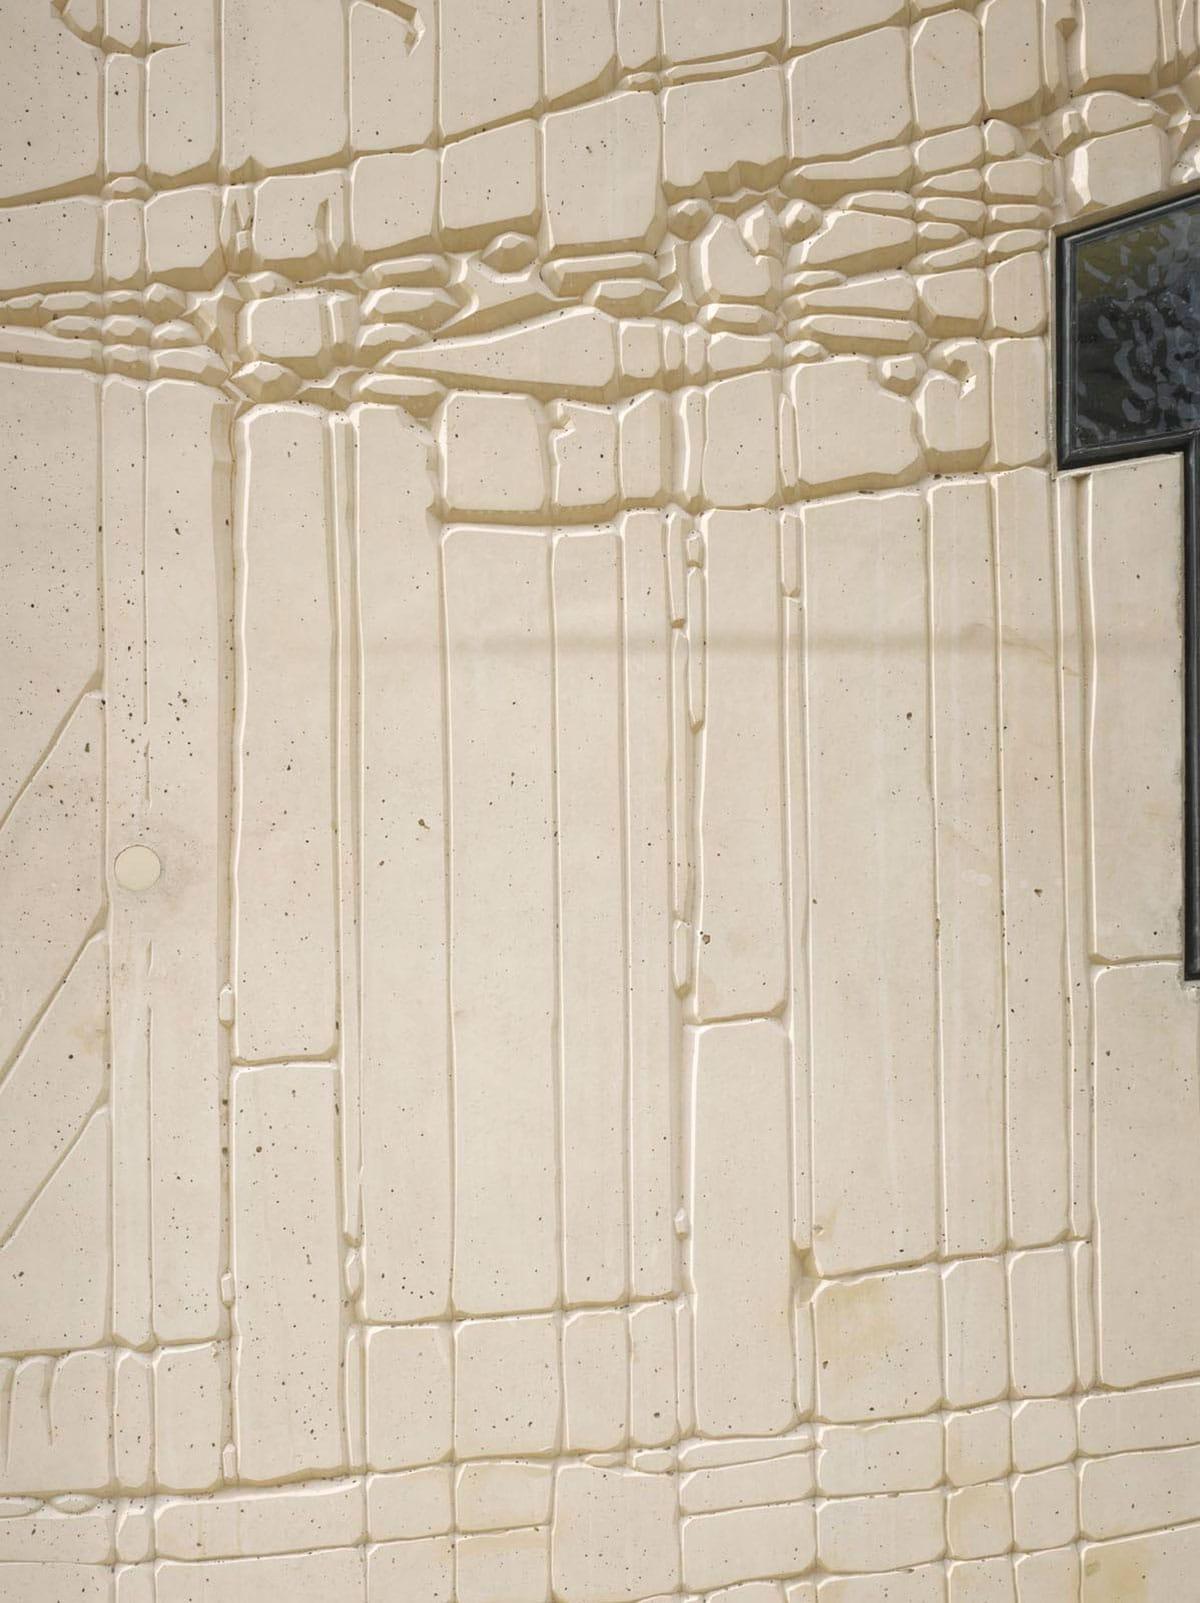 texture calcestruzzo architettonico